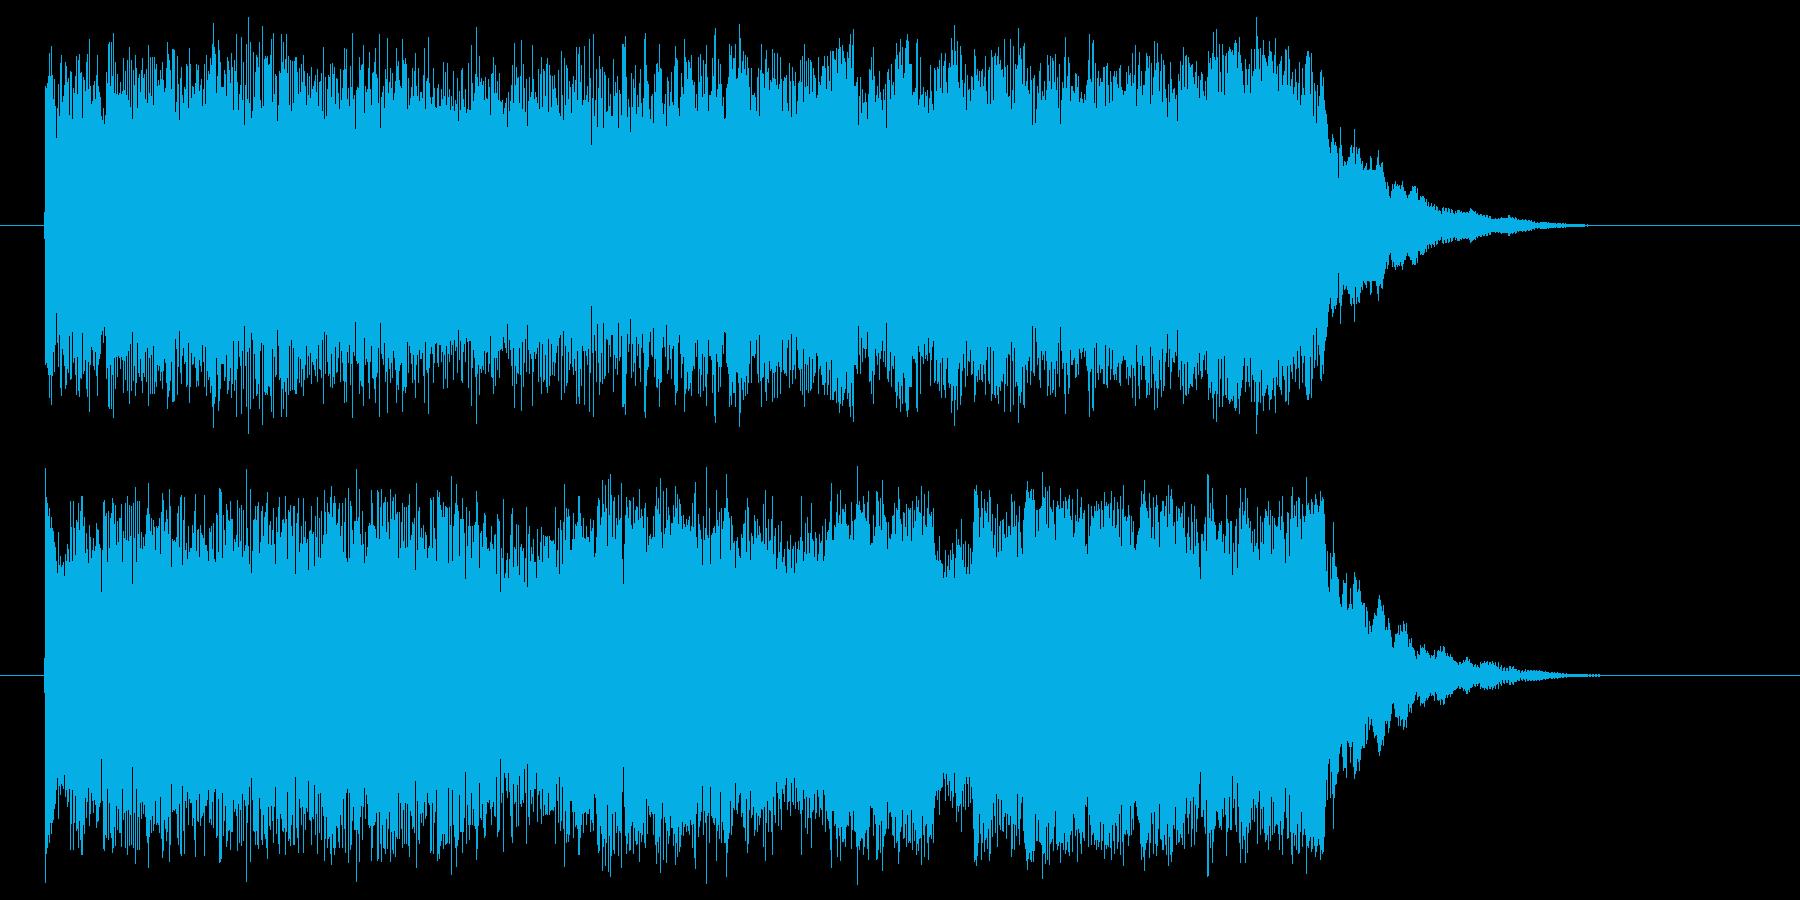 ストリングスによる壮大なオープニングの再生済みの波形